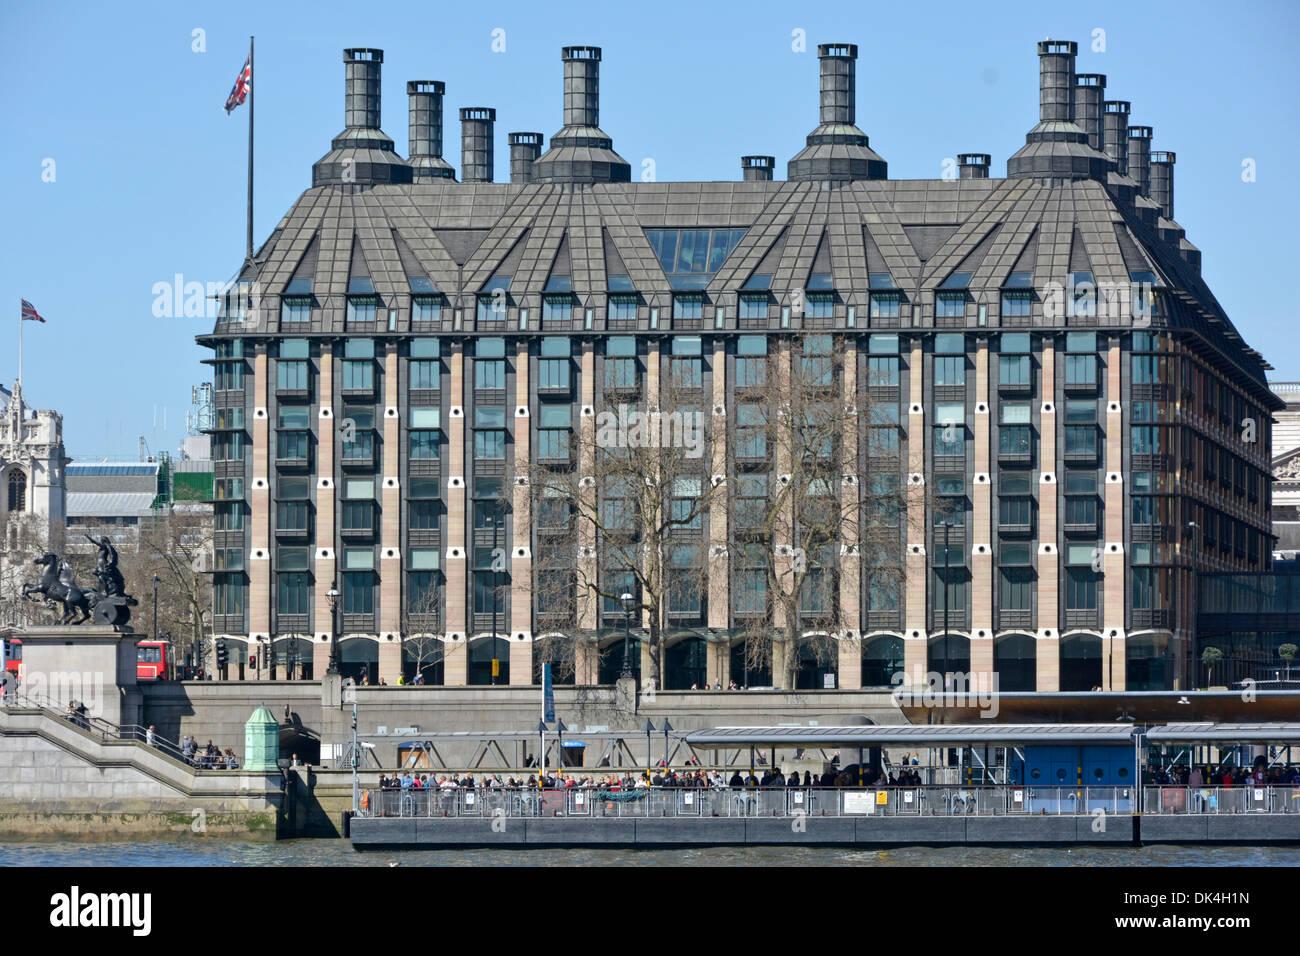 Edificio moderno de oficinas del Palacio de Westminster MPS para miembros del Parlamento del Reino Unido junto al río Támesis y Westminster Pier Londres Reino Unido Foto de stock